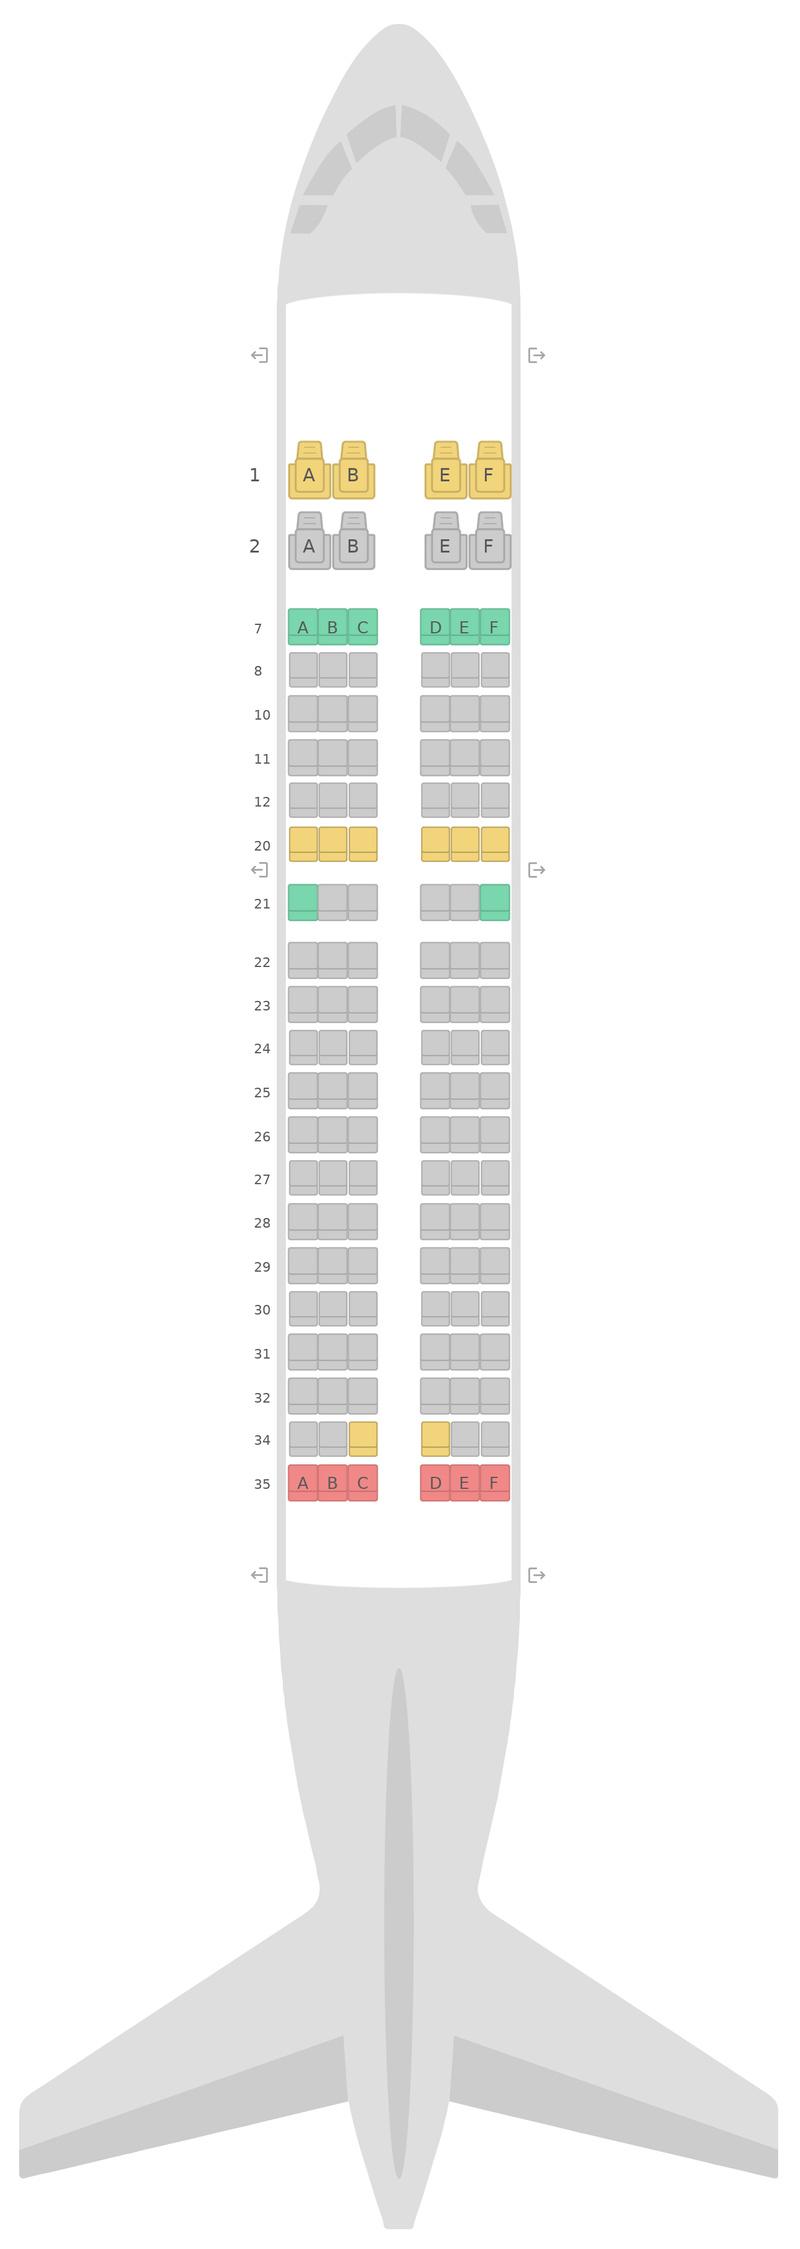 Mapa de asientos Airbus A319 v1 United